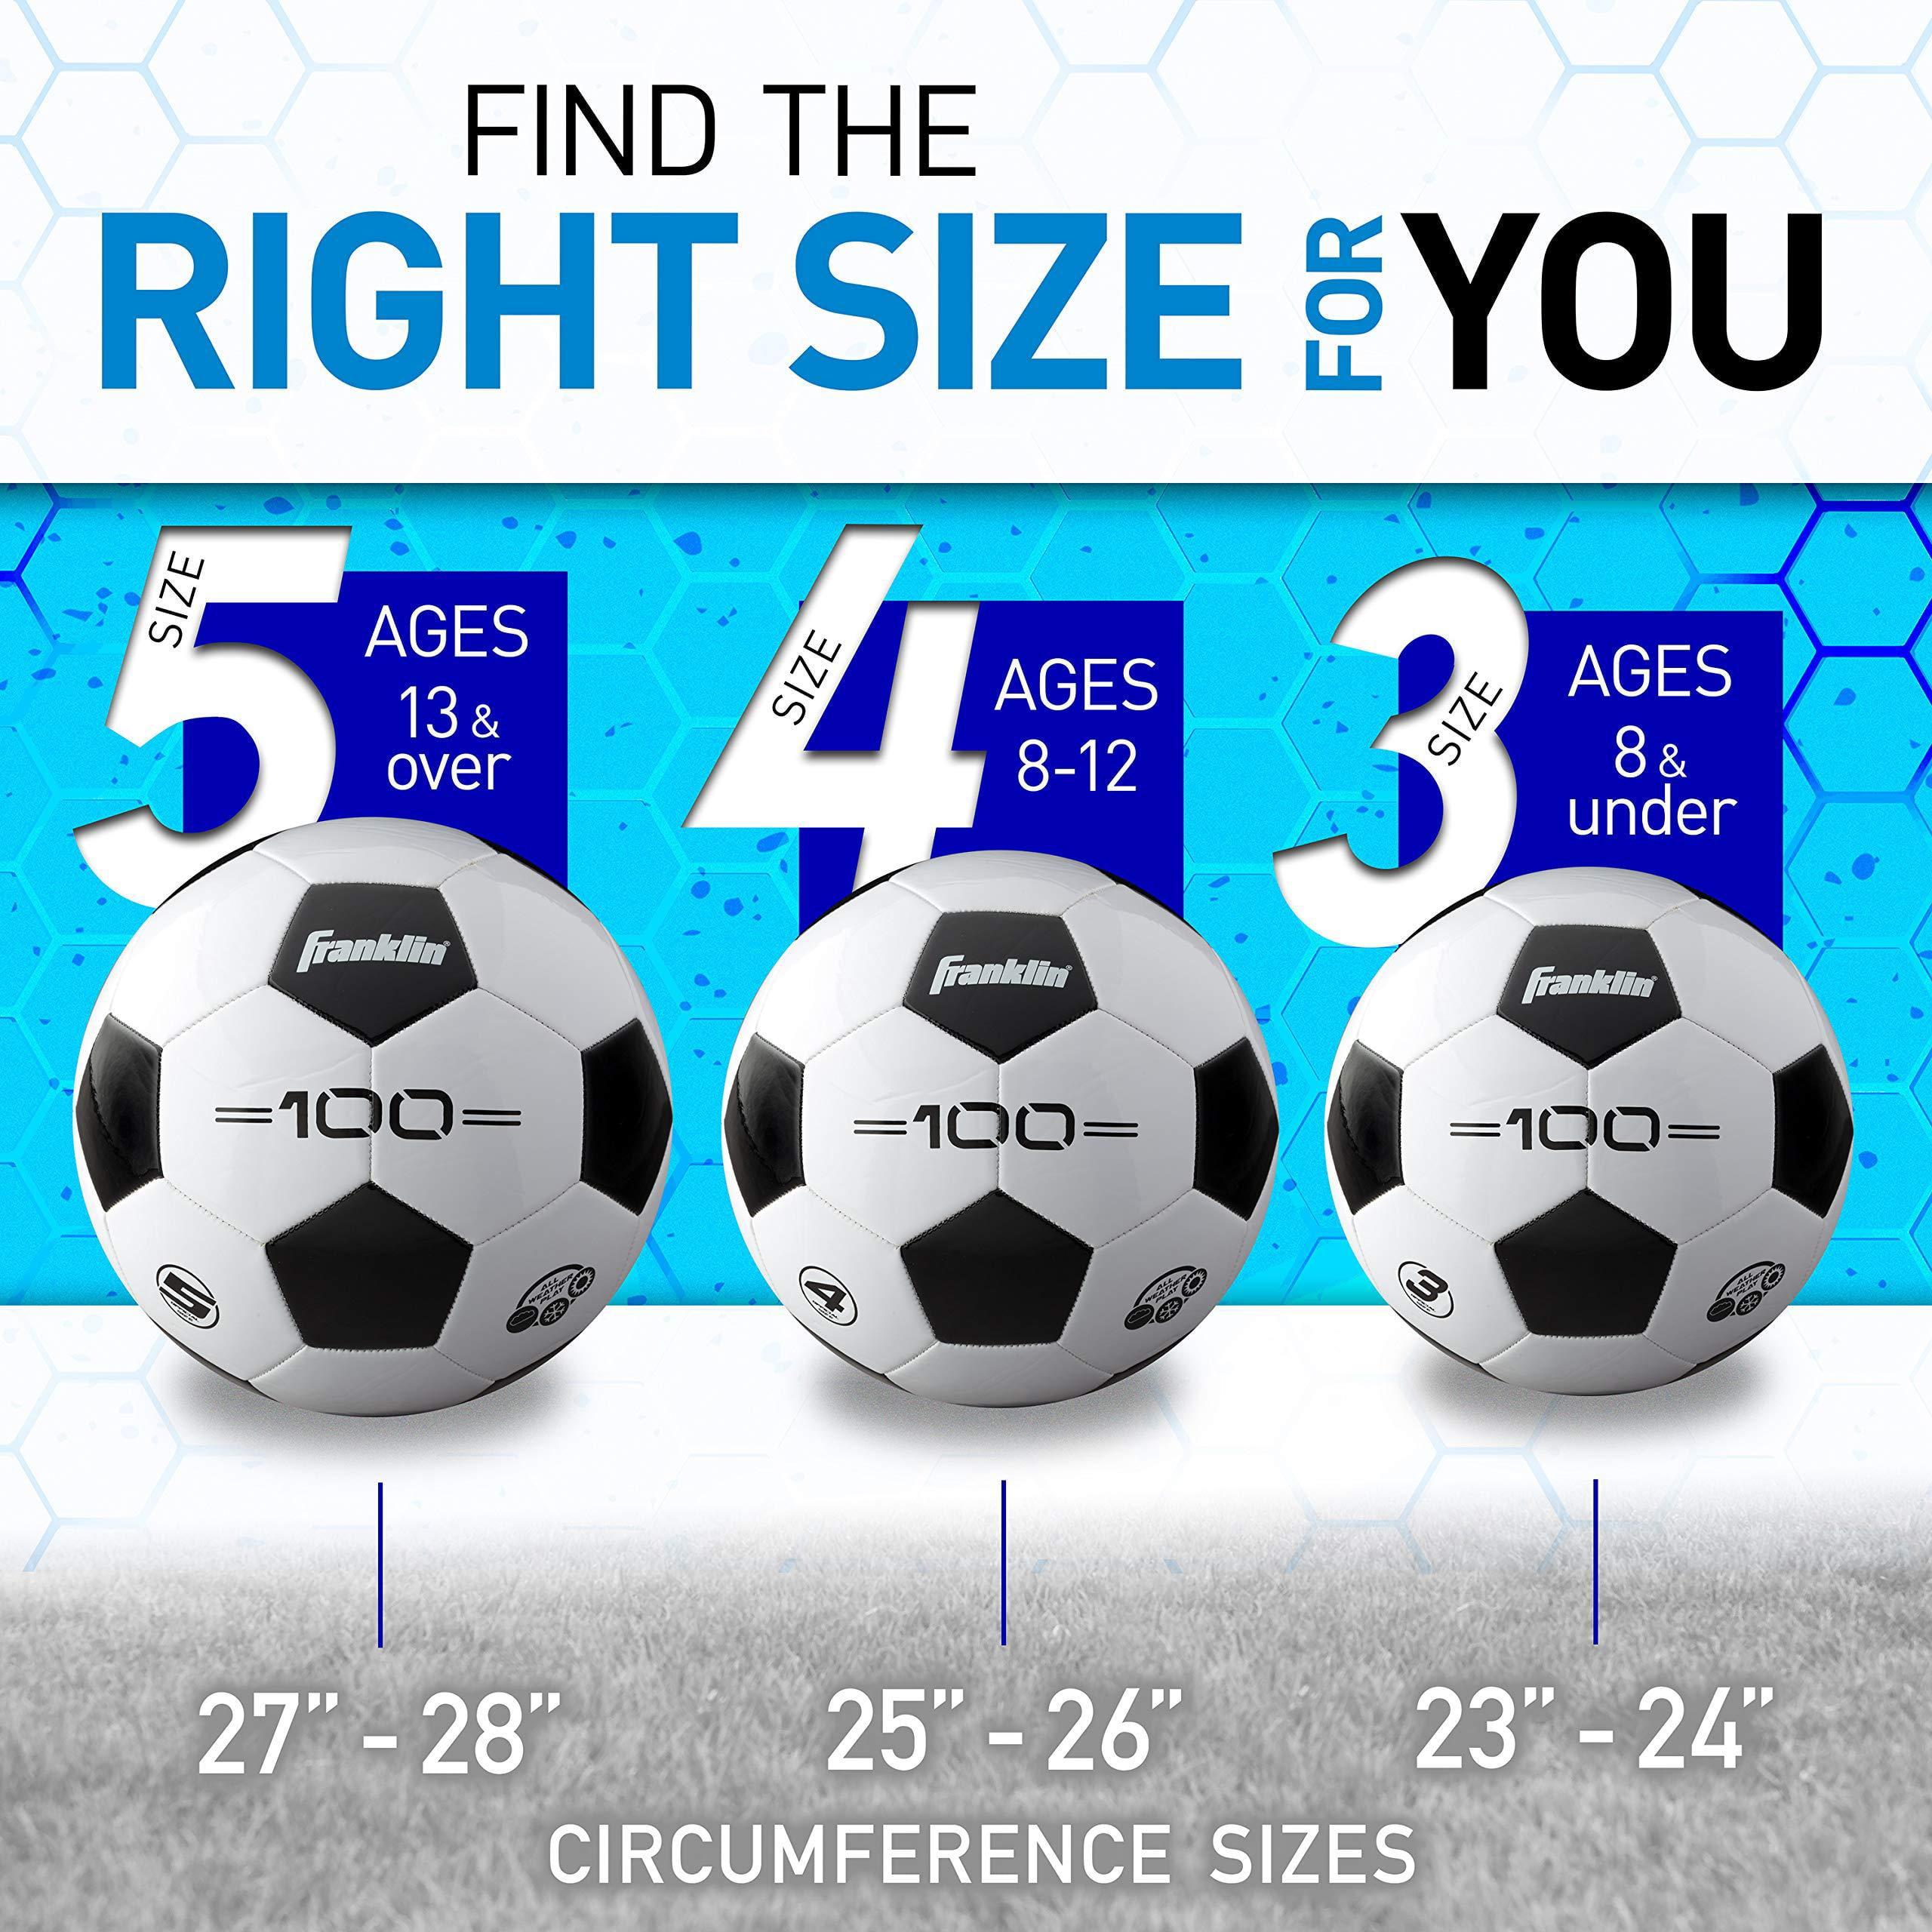 Pack of 12 Premium Digital Soccer Ball Size 5